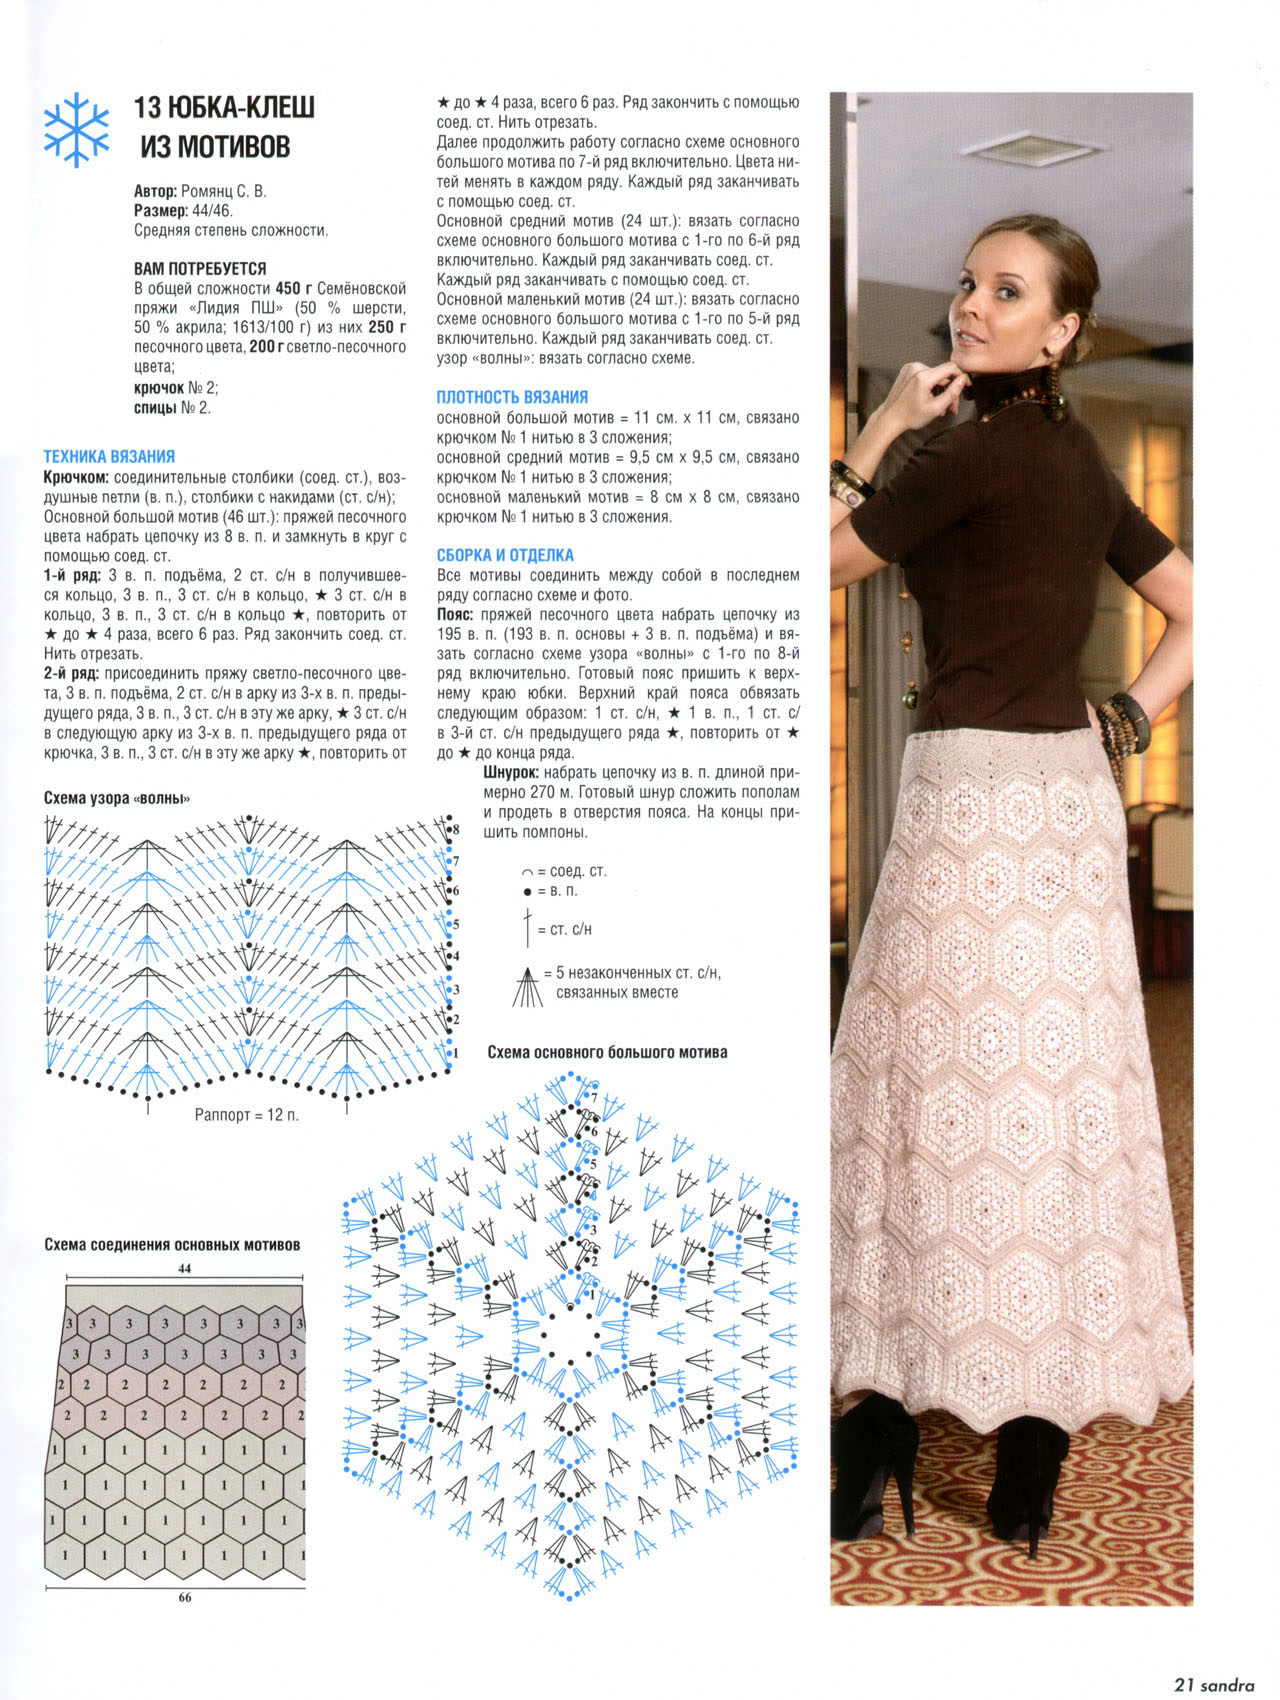 Вязание крючком юбка схема вязания бесплатно